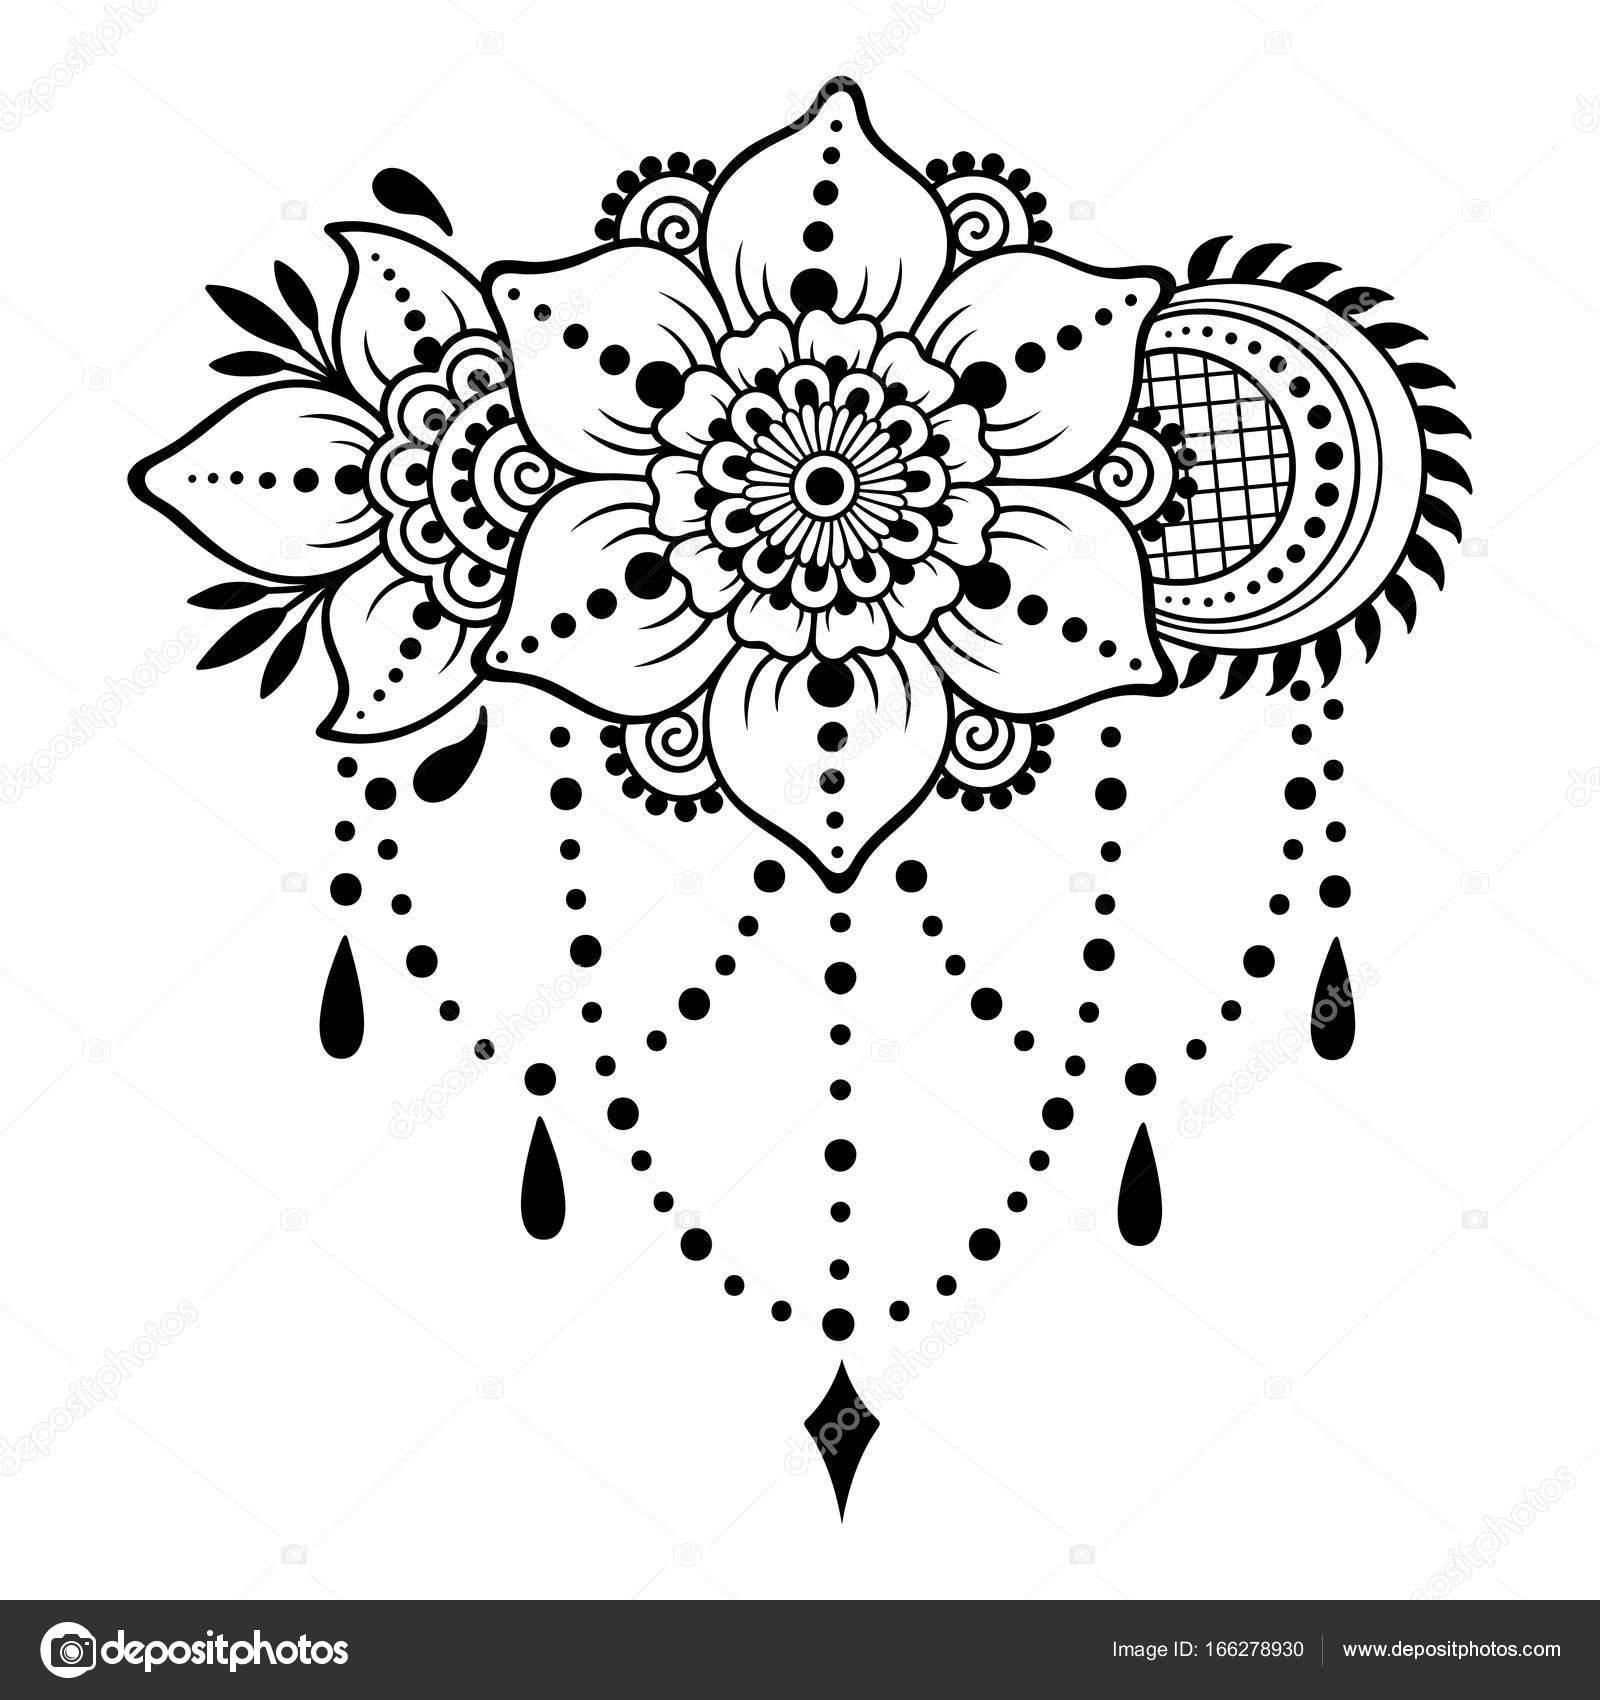 Henna Tattoo Flower Template In Indian Style: Plantilla De La Flor Del Tatuaje De Henna